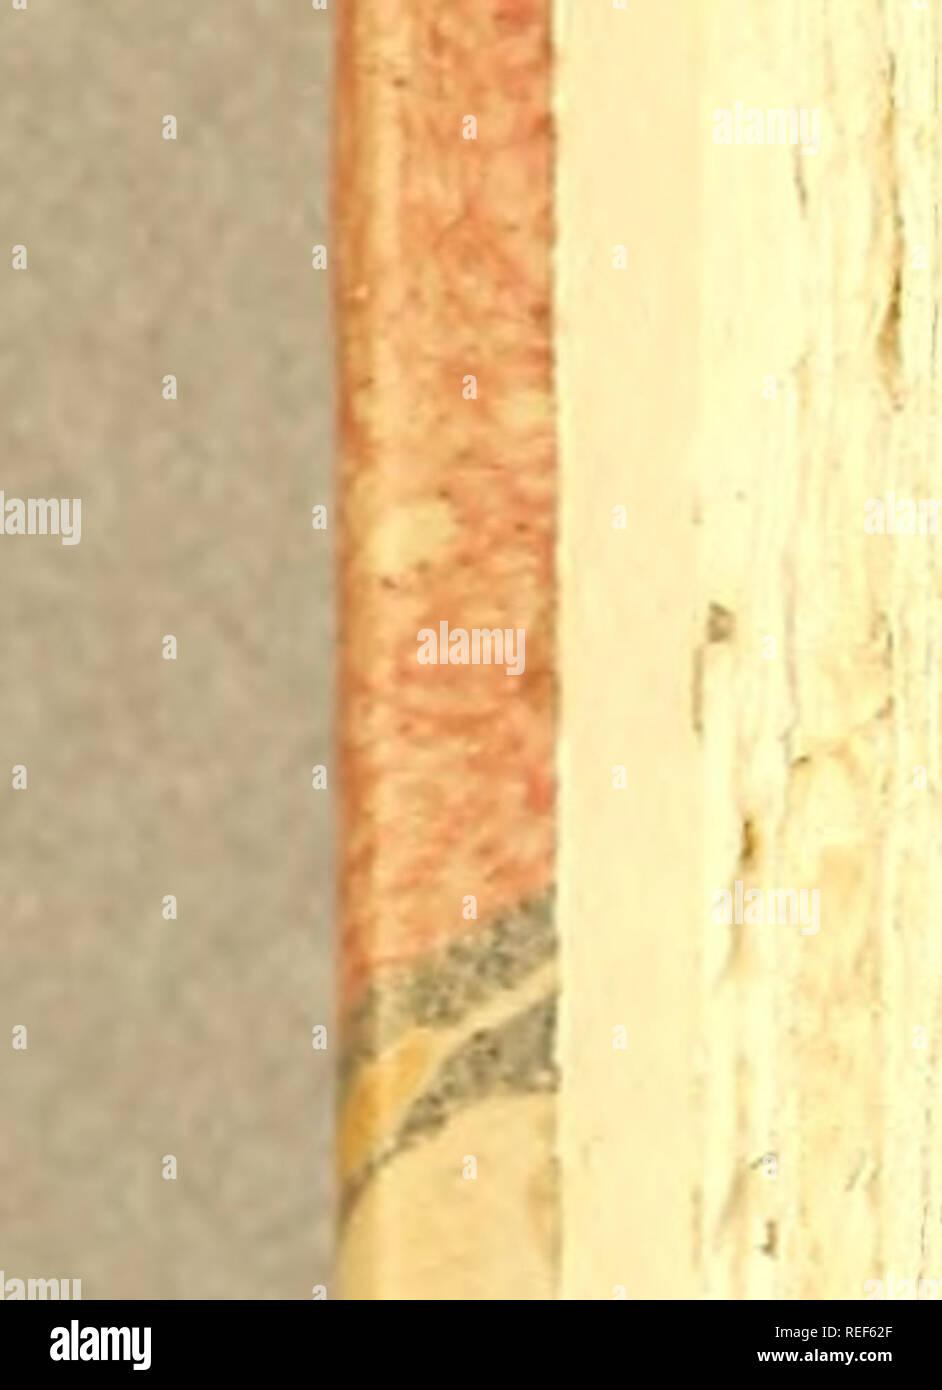 """. Compendio de observaçoens, : que fórmaõ o plano da viagem politica, e filosofica, que se deve fazer dentra da patria. Dedicado a Sua Alteza Real o Serenissimo Principe do Brasil. Natural history; Mines and mineral resources; Silk industry; Imprint 1783. no Parte Ih Çap.XVL L Obferyará : Se tem Cabeça """" ( a) Narís , Ouvidos , Olhos, ( í ) Se fe6 Inteftinos . Mollufcos , Tefta- cem ; e aqui fará averiguação fobre as Conchas' dos Vermes, e fobre os Comes. Sobre as Conchas.. II. Se fáS Univalves , BivaWeí, Miltivalves, (O de cuja divifaõ h fer* ( ; O refe- rido Siimaferdaó diz que achou na Tcnta - Stock Image"""